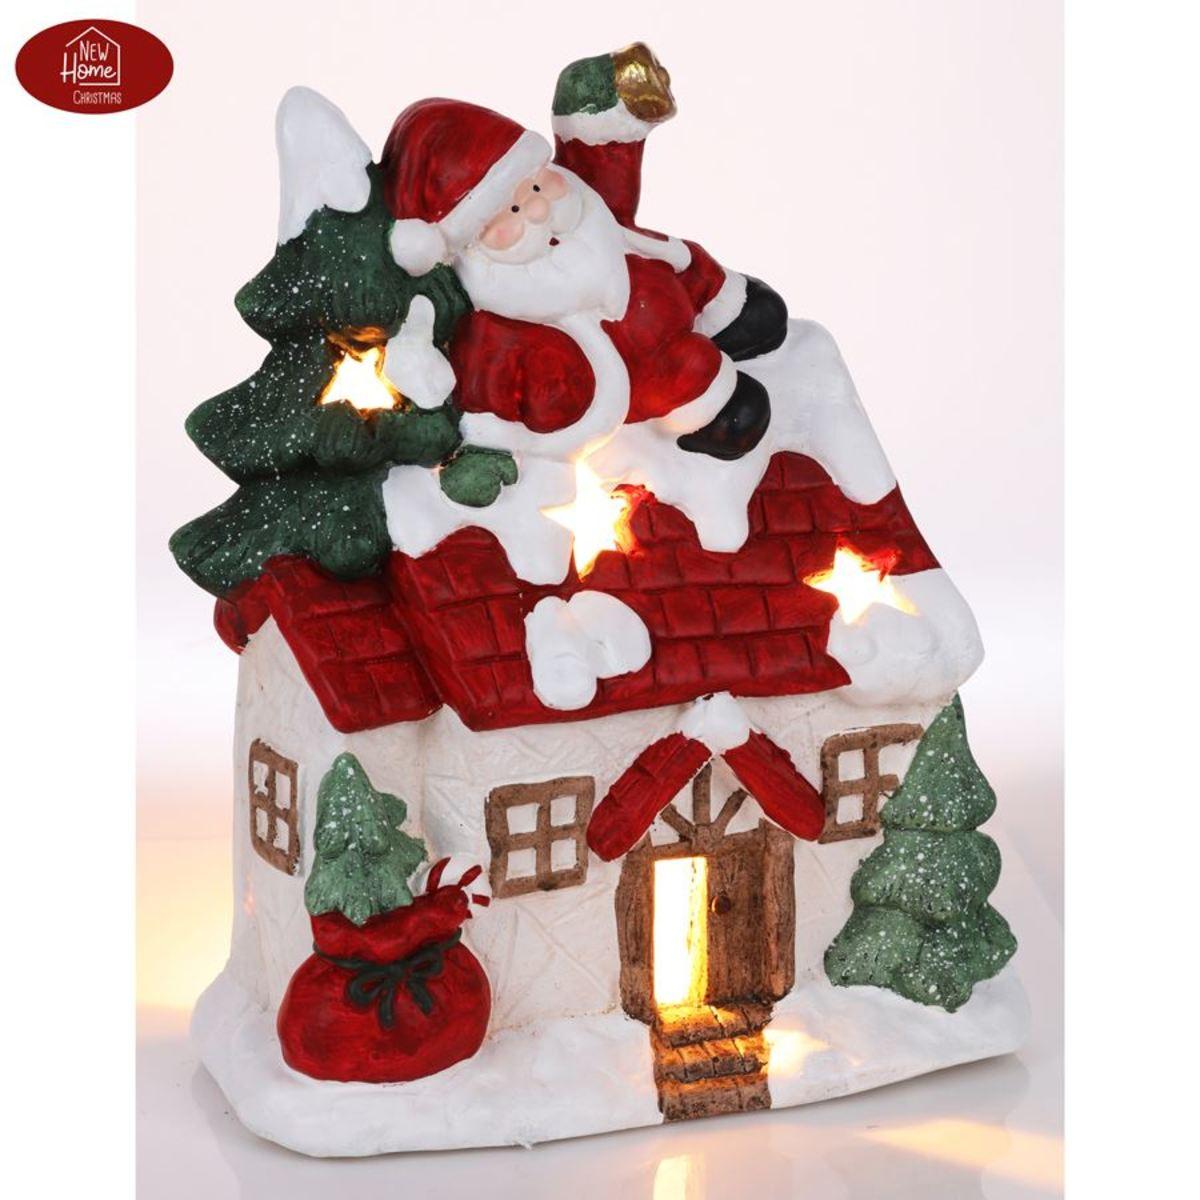 Bild 1 von Magnesium-Deko-Haus 37cm mit Weihnachtsmann